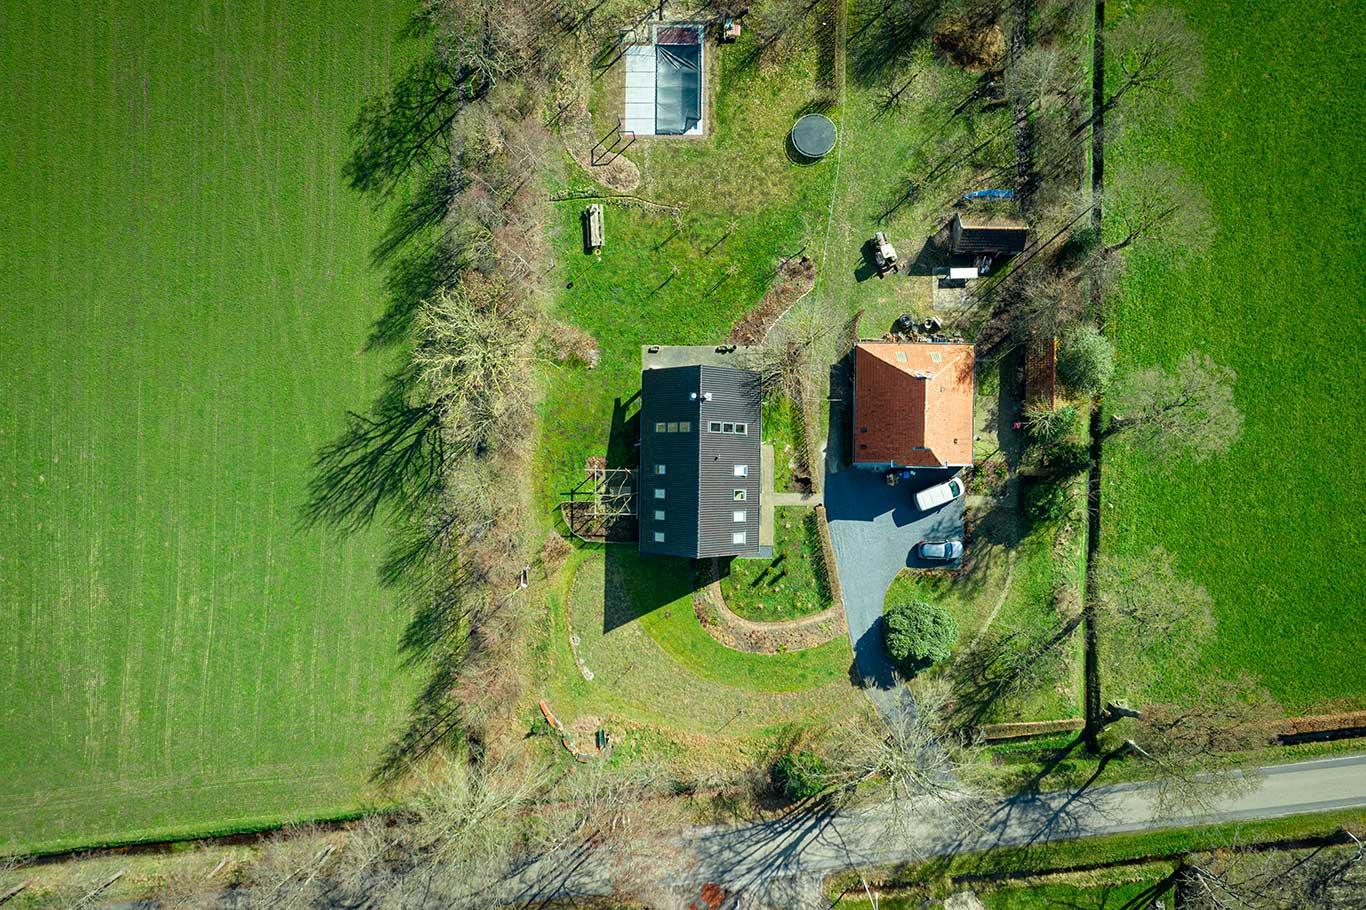 hesselmann-oldeberkoop-woonhuis-exterieur-18.jpg